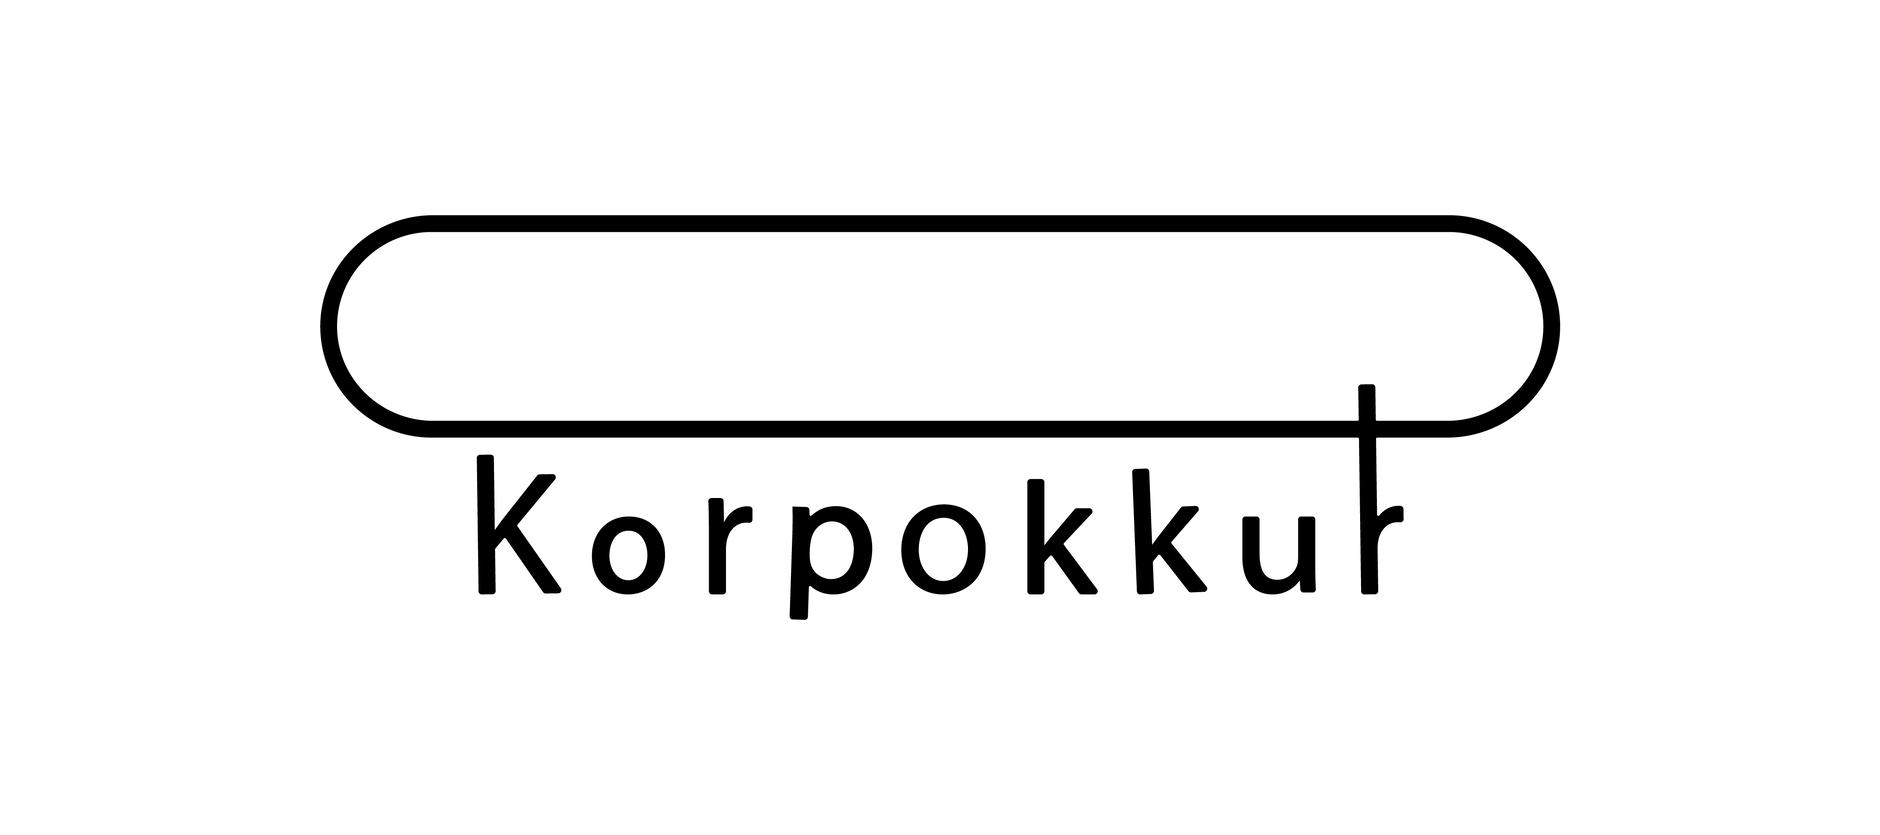 korpokkur